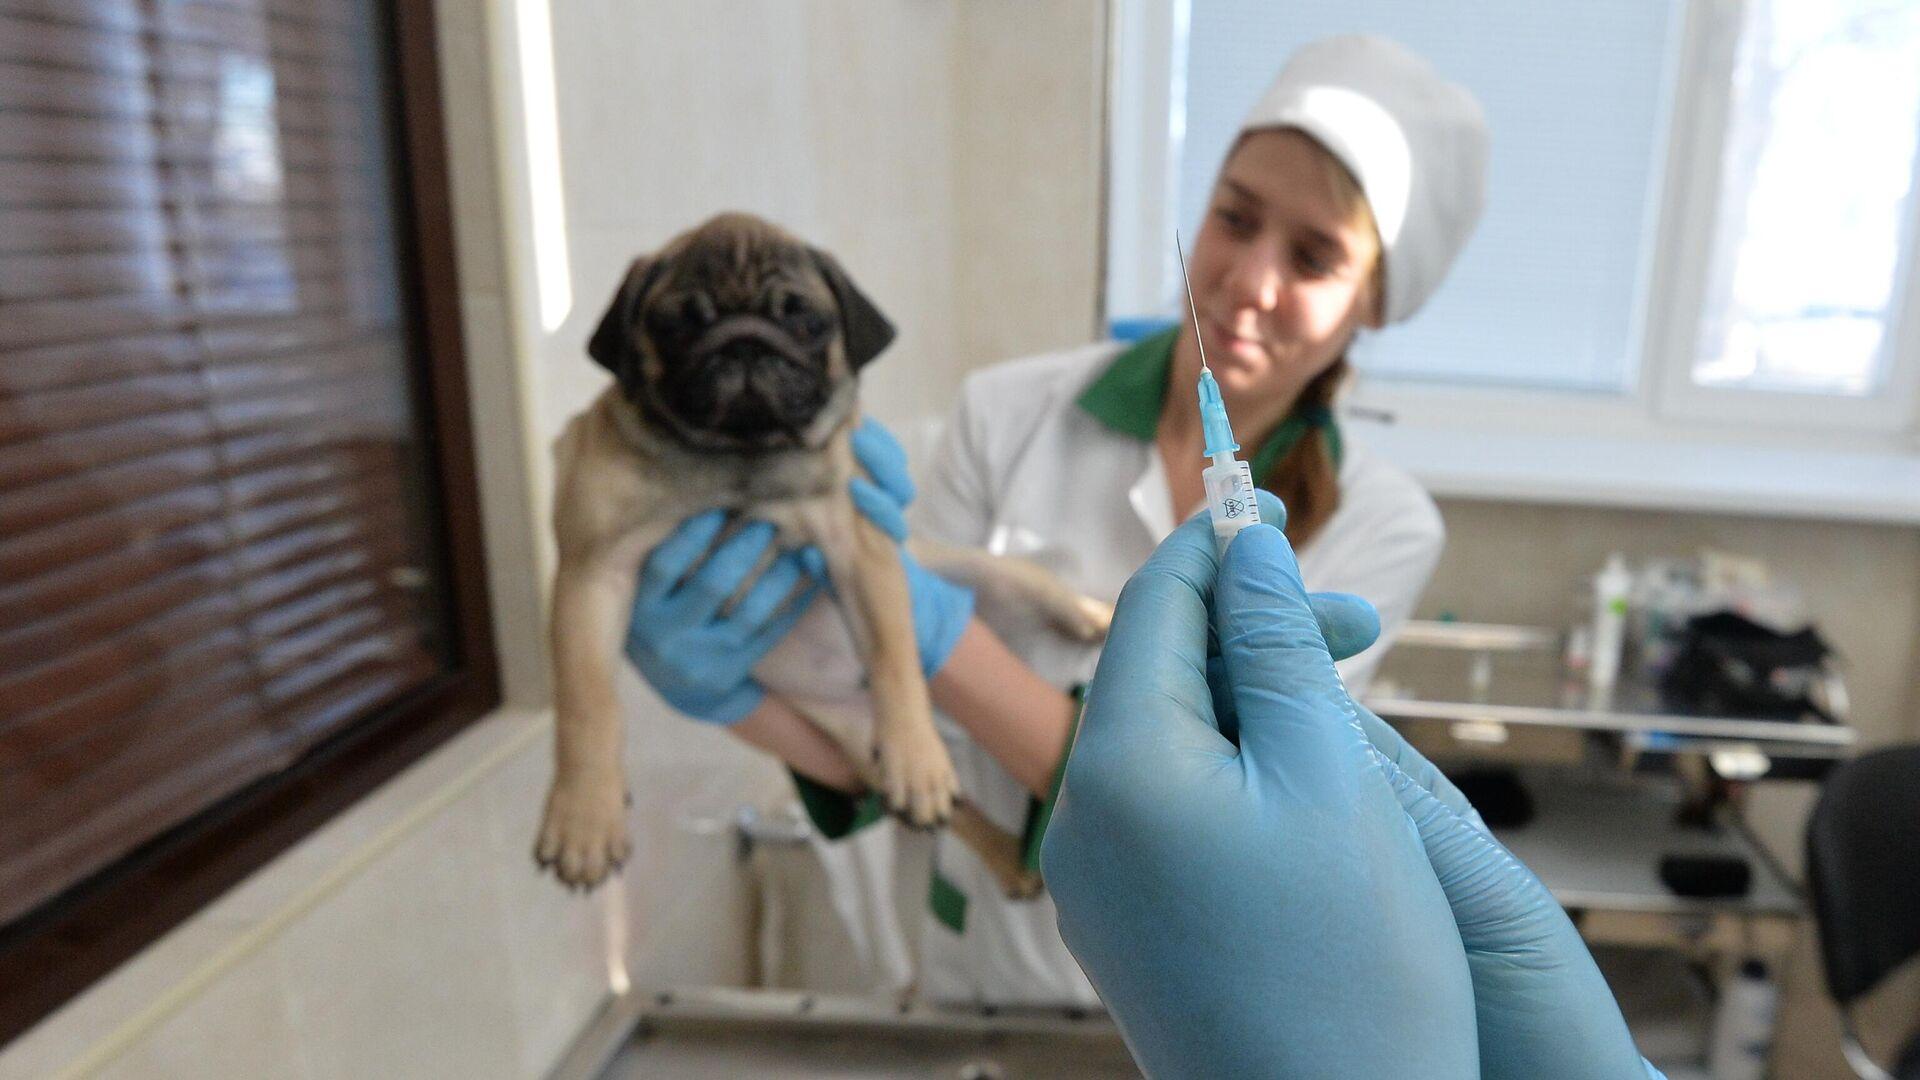 Ветеринары выполняют медицинские процедуры с собакой - РИА Новости, 1920, 24.09.2020